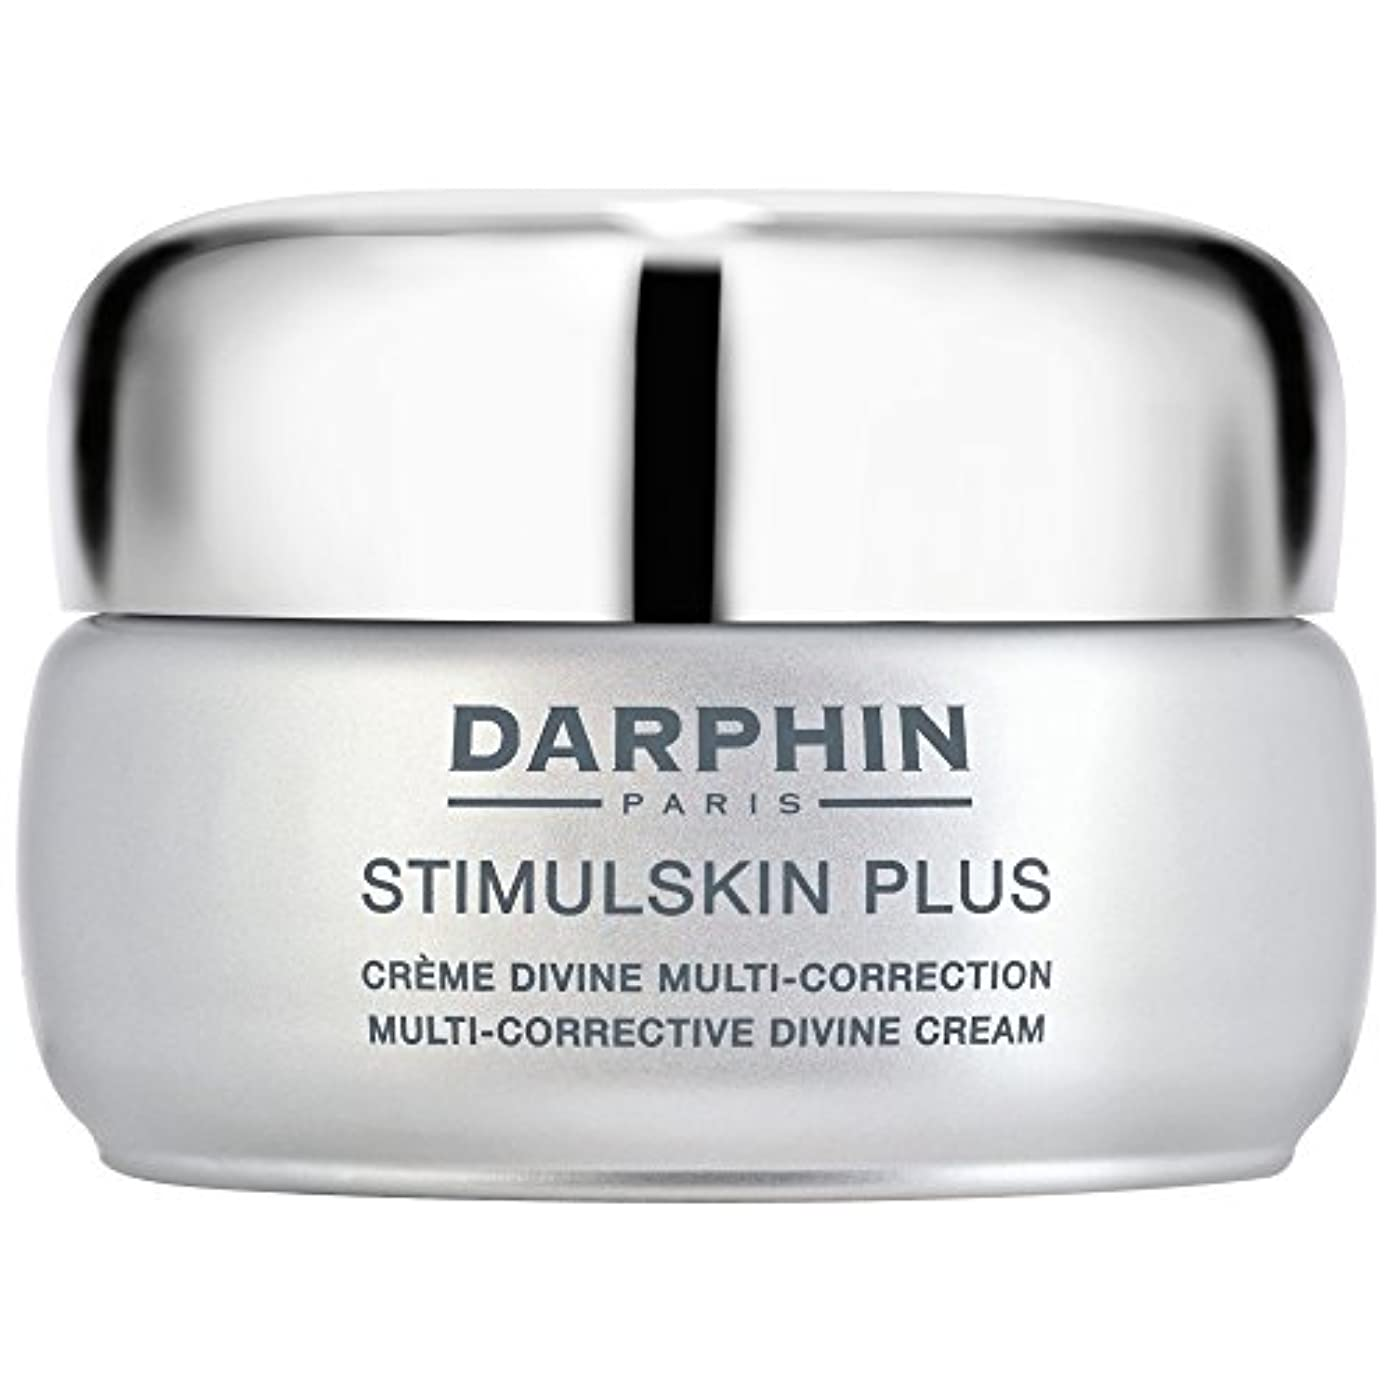 アンドリューハリディ受ける固有のスティプラスマルチ是正神のクリームダルファン、50ミリリットル (Darphin) (x2) - Darphin Stimulskin Plus Multi-Corrective Divine Cream, 50ml (...